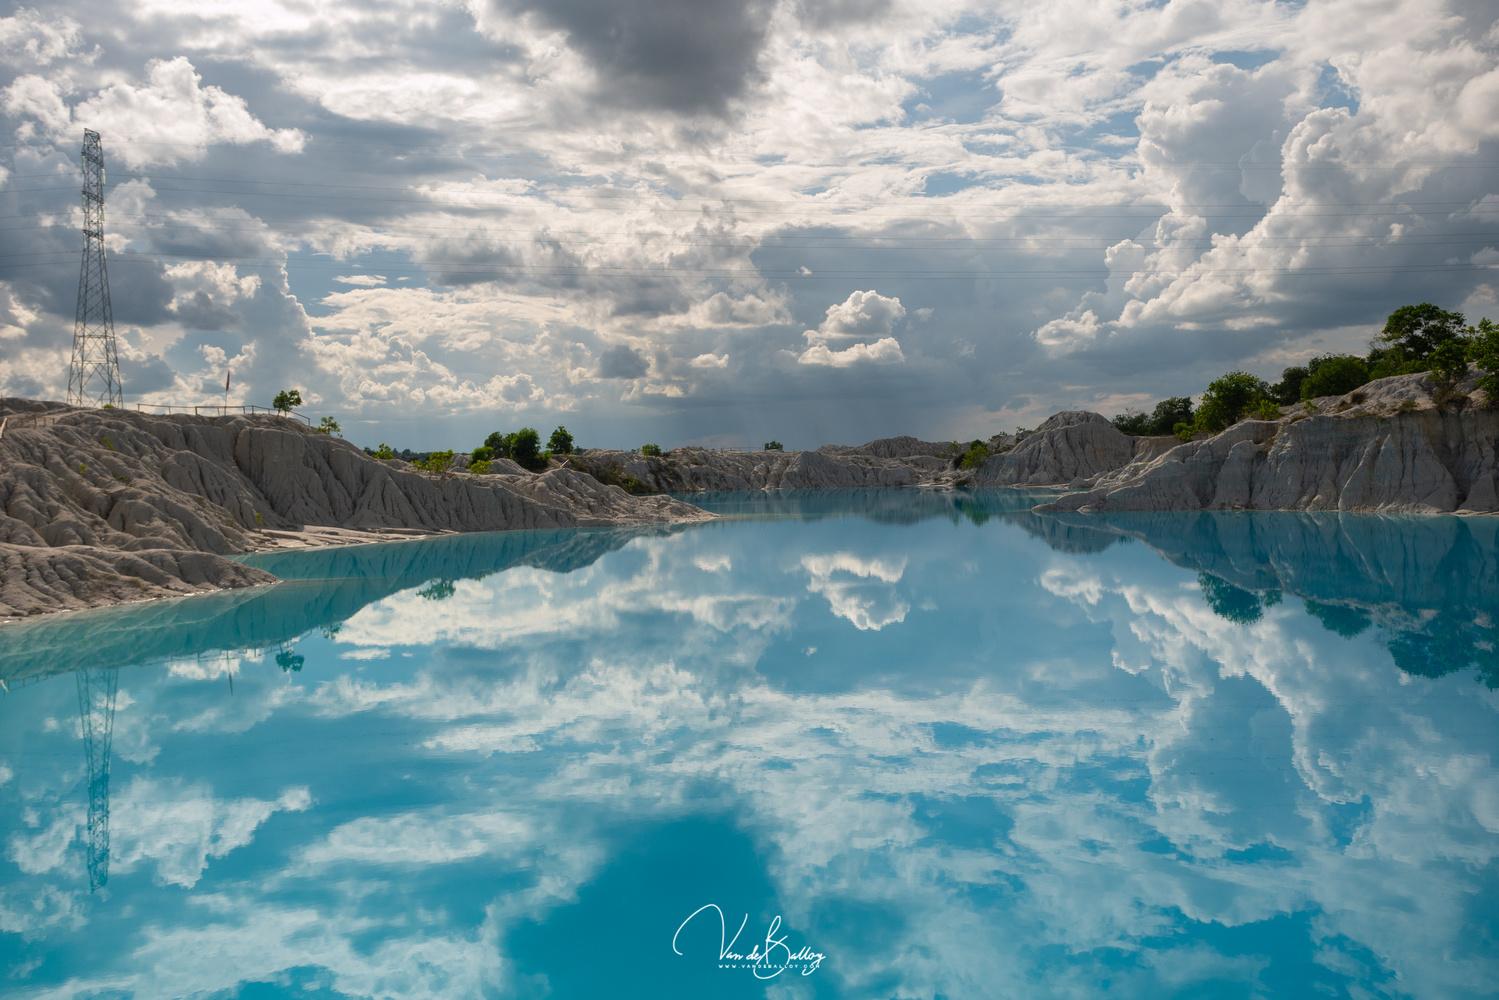 Danau Kaolin by Dedy Irvandy